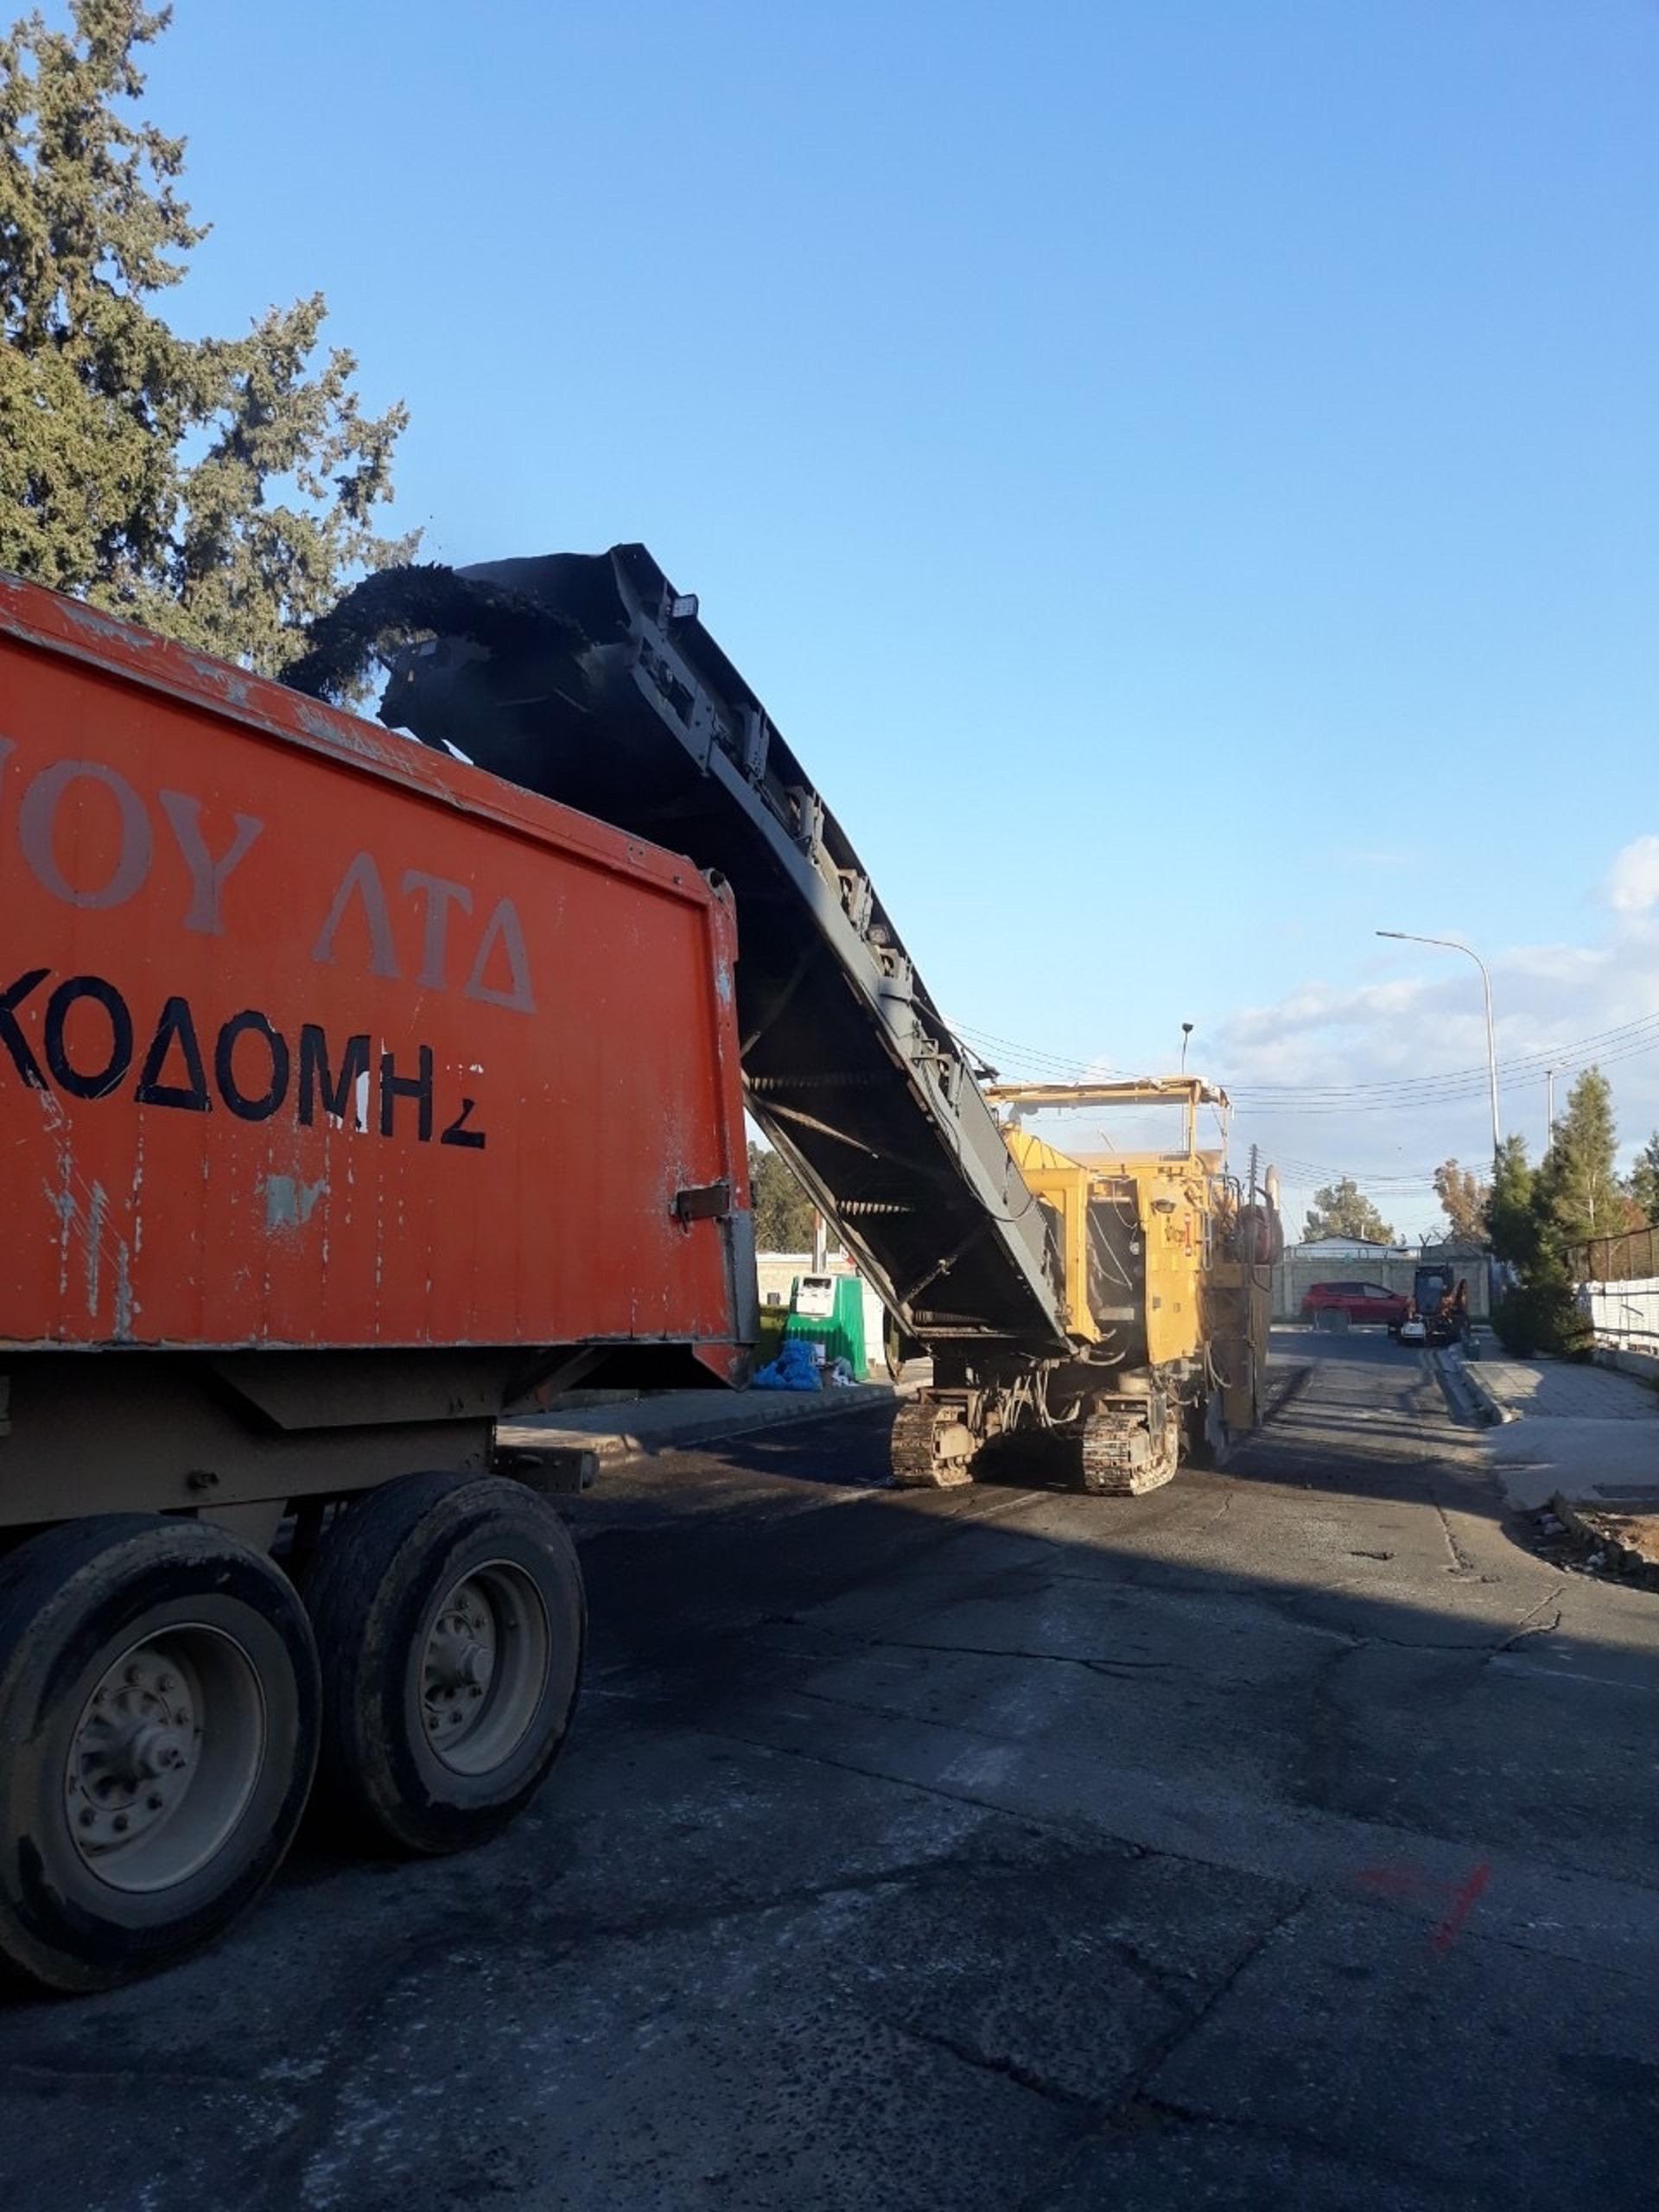 Ο Δήμος Λάρνακας άρχισε τις επαλείψεις στους δρόμους της πόλης